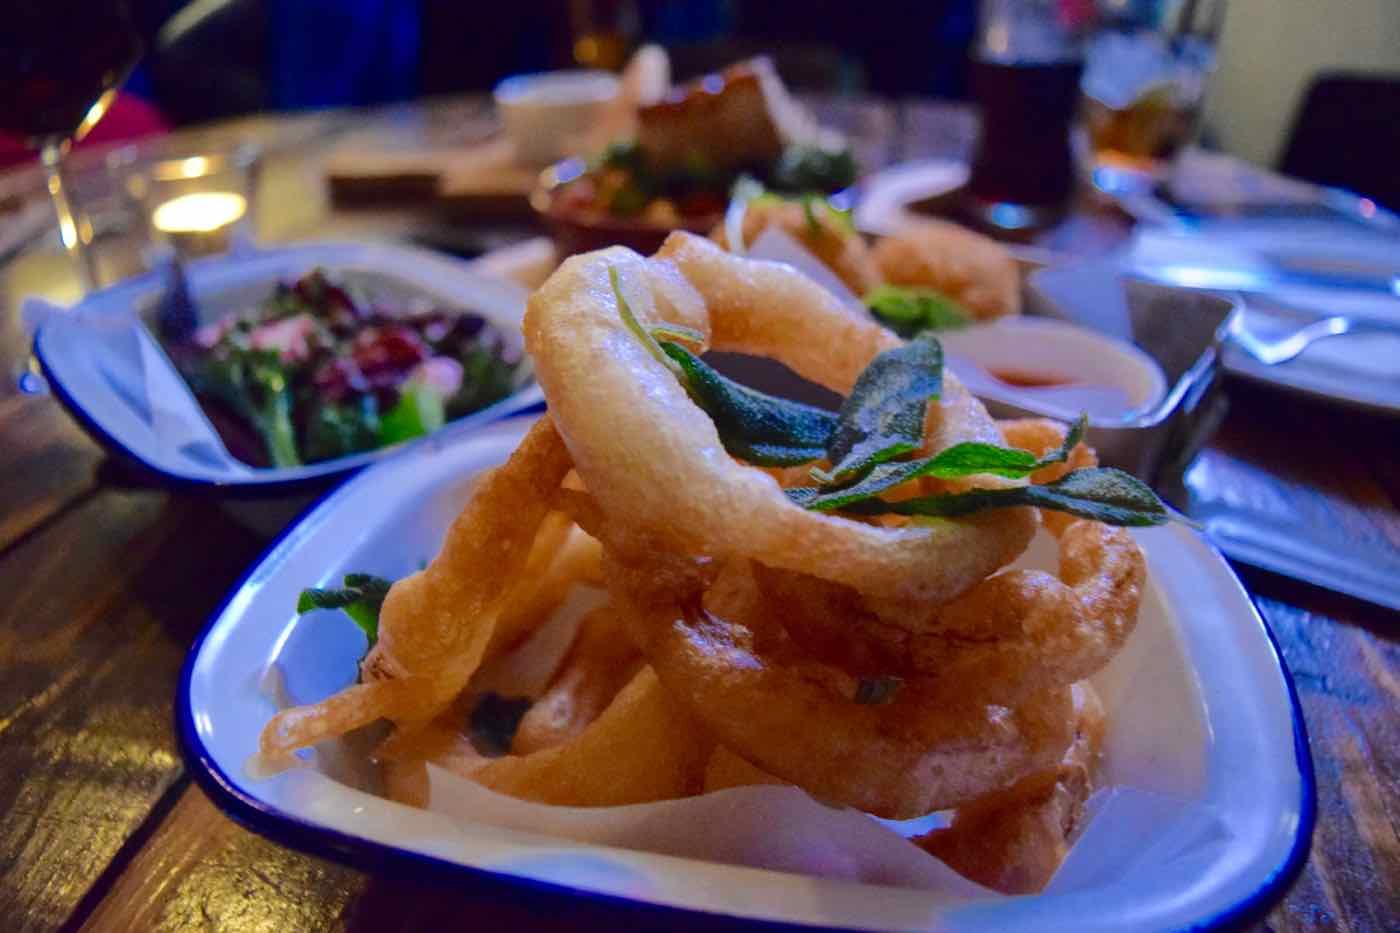 Snakebite onion rings at Junkyard Restaurant, Nottingham